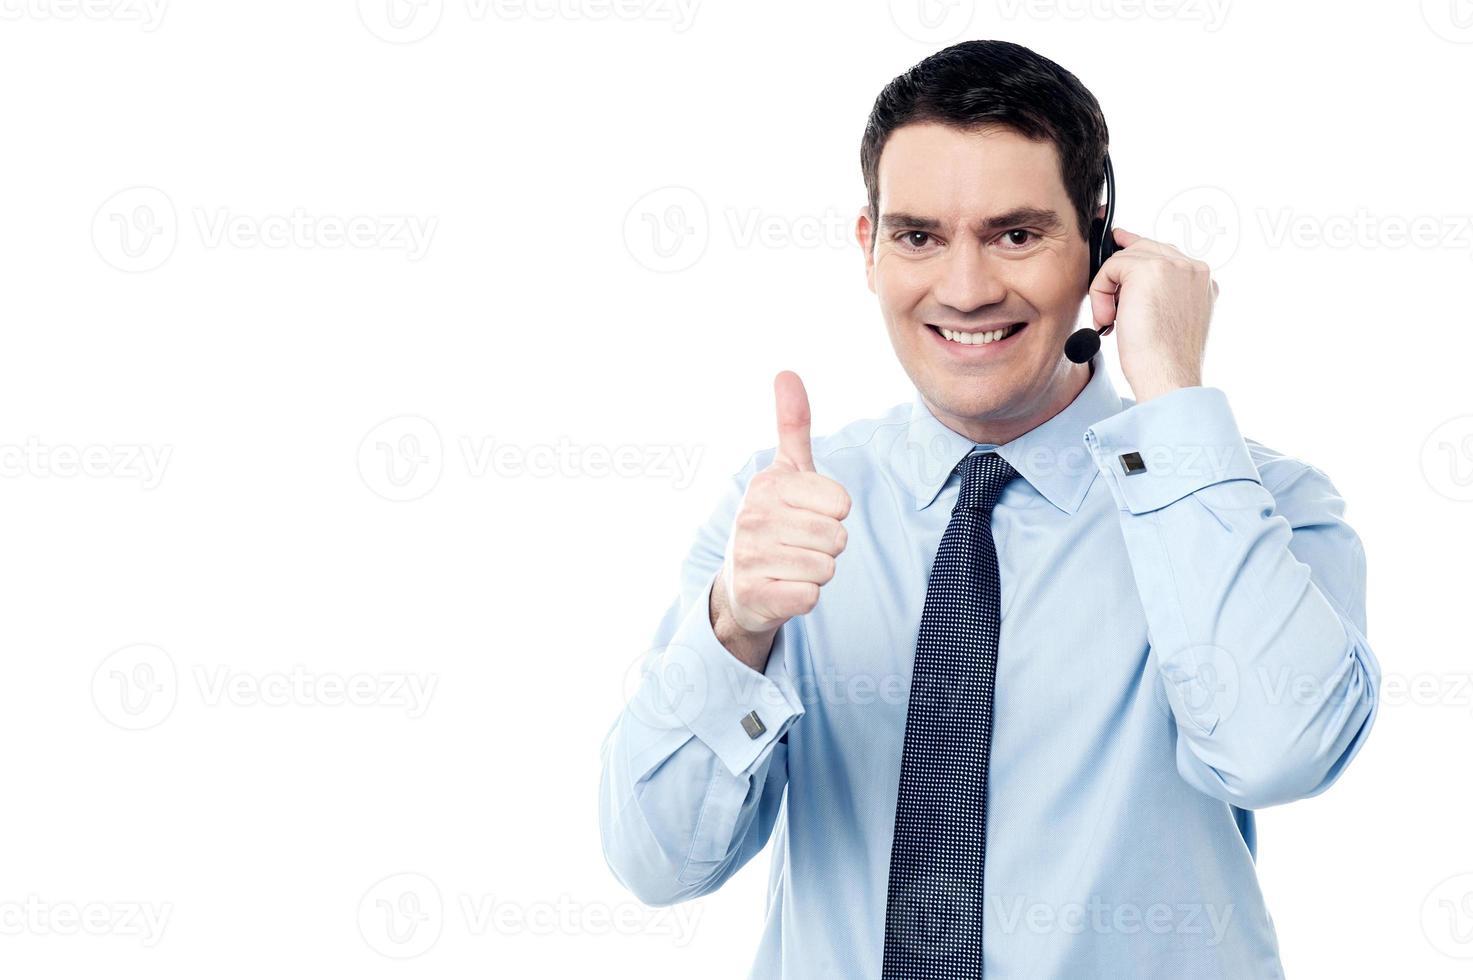 agente de call center aparecendo polegar foto